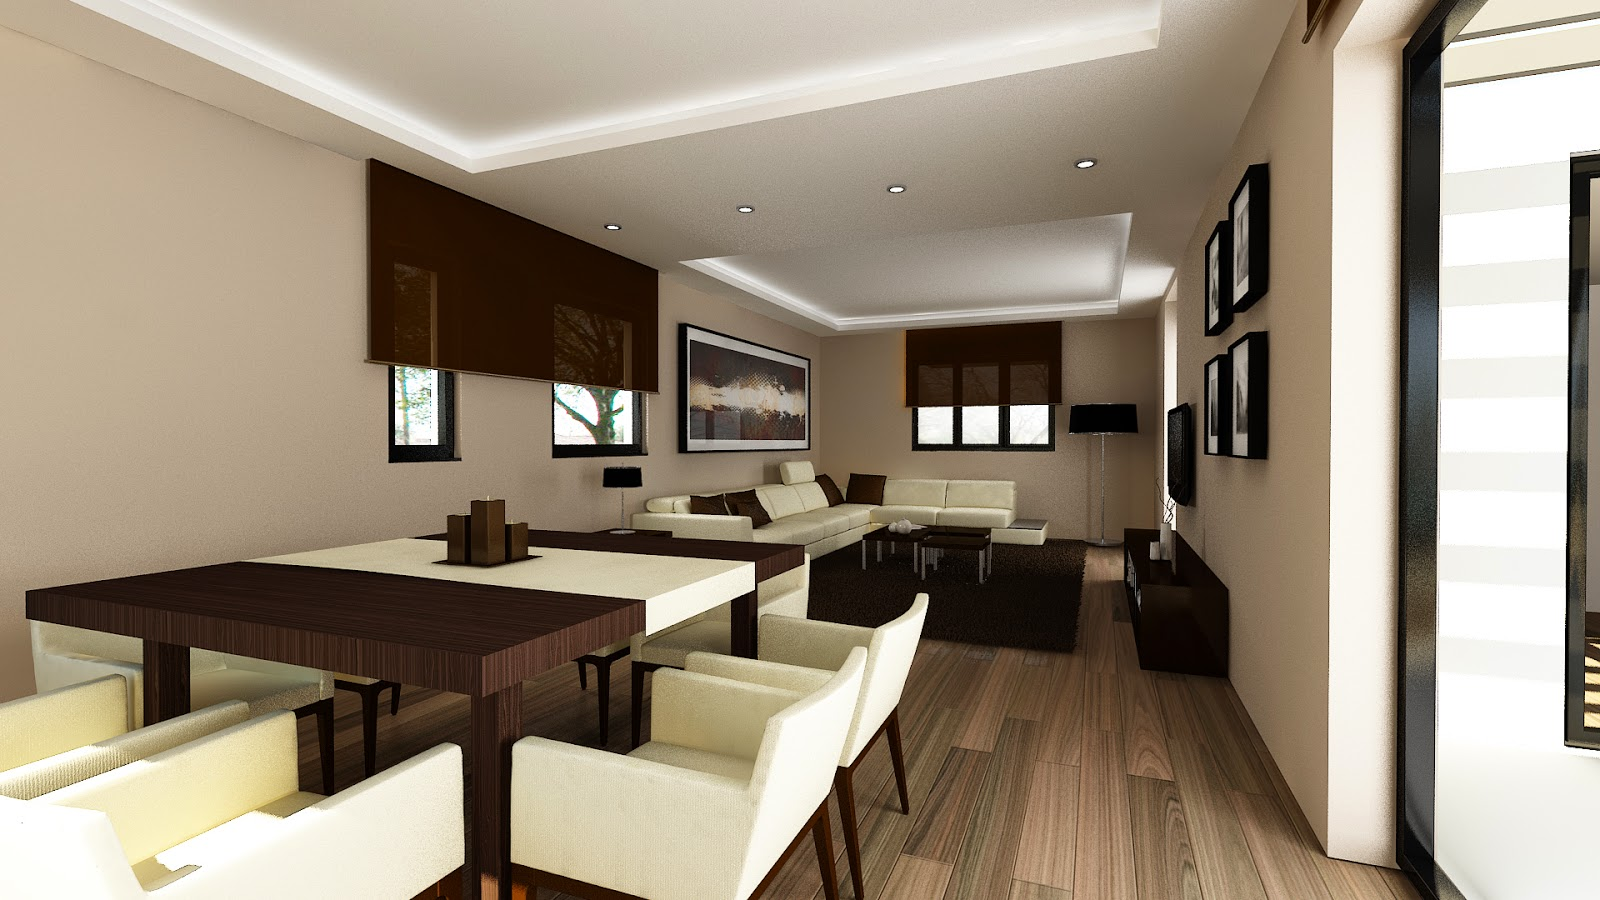 Modelo h de resan modular cuando la cocina es el centro for Cocina 18 metros cuadrados